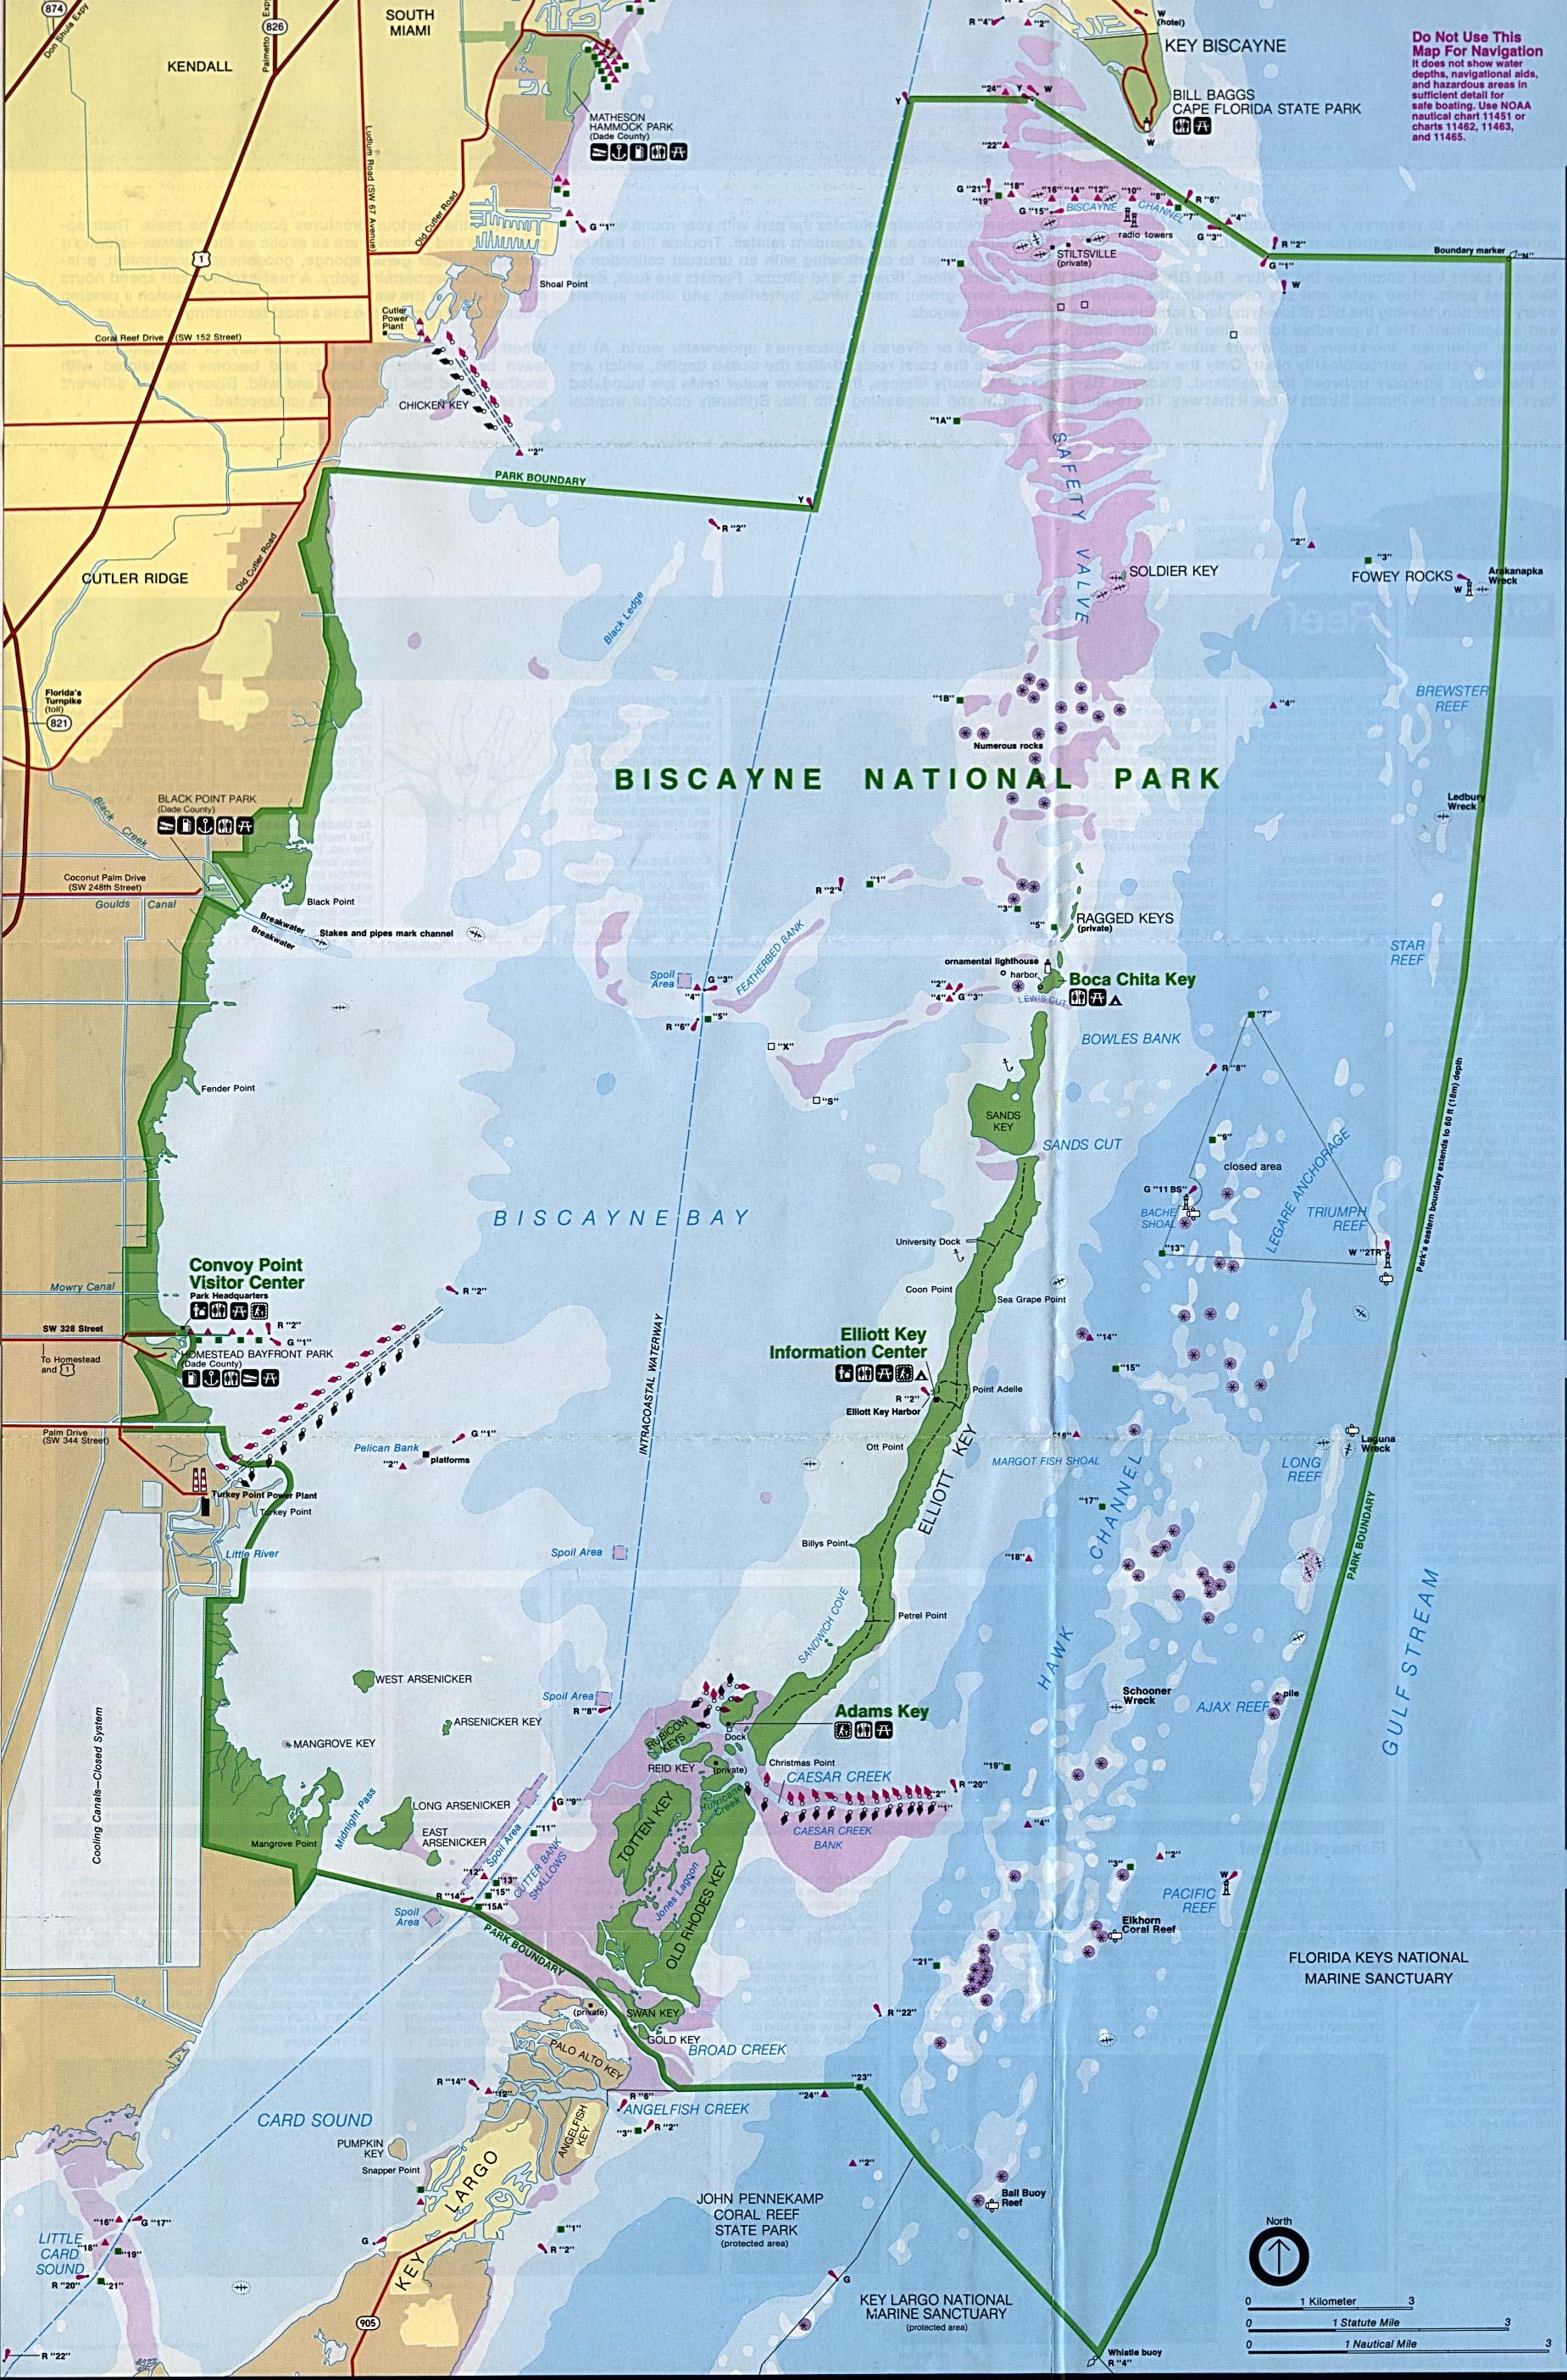 Mapa del Parque Nacional Biscayne, Florida, Estados Unidos